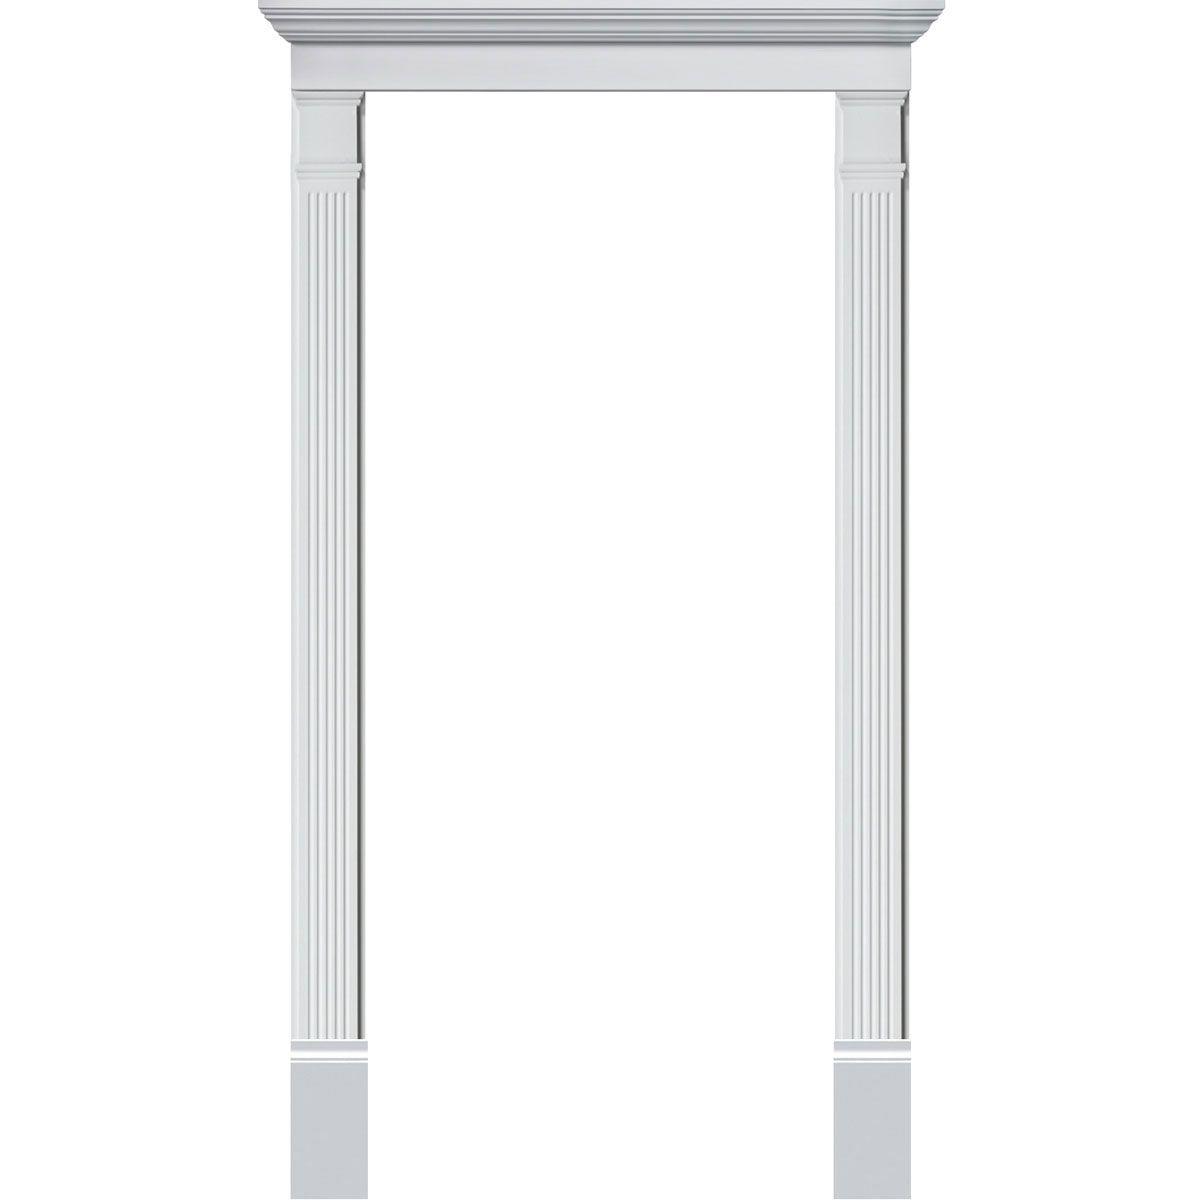 Single Door Surround Kit With 51 W X 6 H Crosshead 5 1 4 W Fluted Pilasters 140 24 Wood Exterior Door Door Molding Kit Door Trims